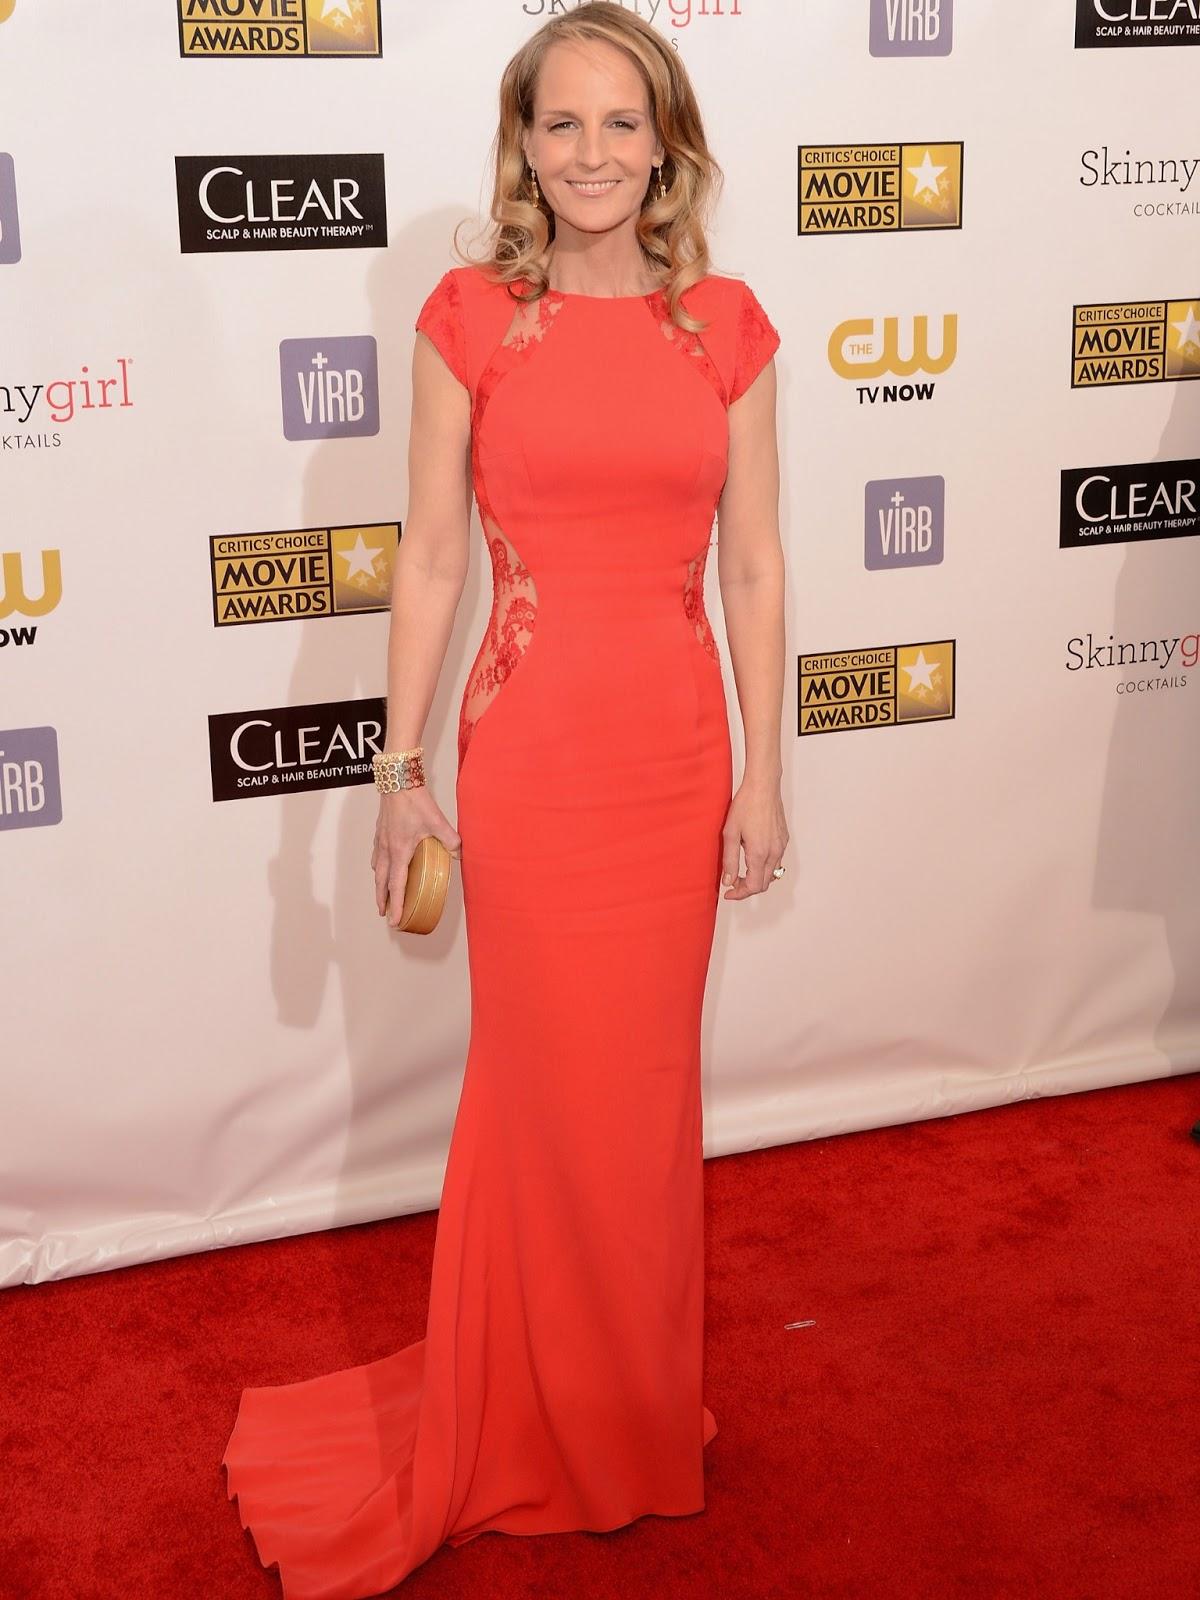 http://1.bp.blogspot.com/-yte6jp9MyIk/UQ08p_C5aMI/AAAAAAAAIlI/2cDfdRf1mkA/s1600/Helen+Hunt+en+los+2013+Critics%2527+Choice+Awards+en+Santa+Monica+%252810+enero%2529.jpg